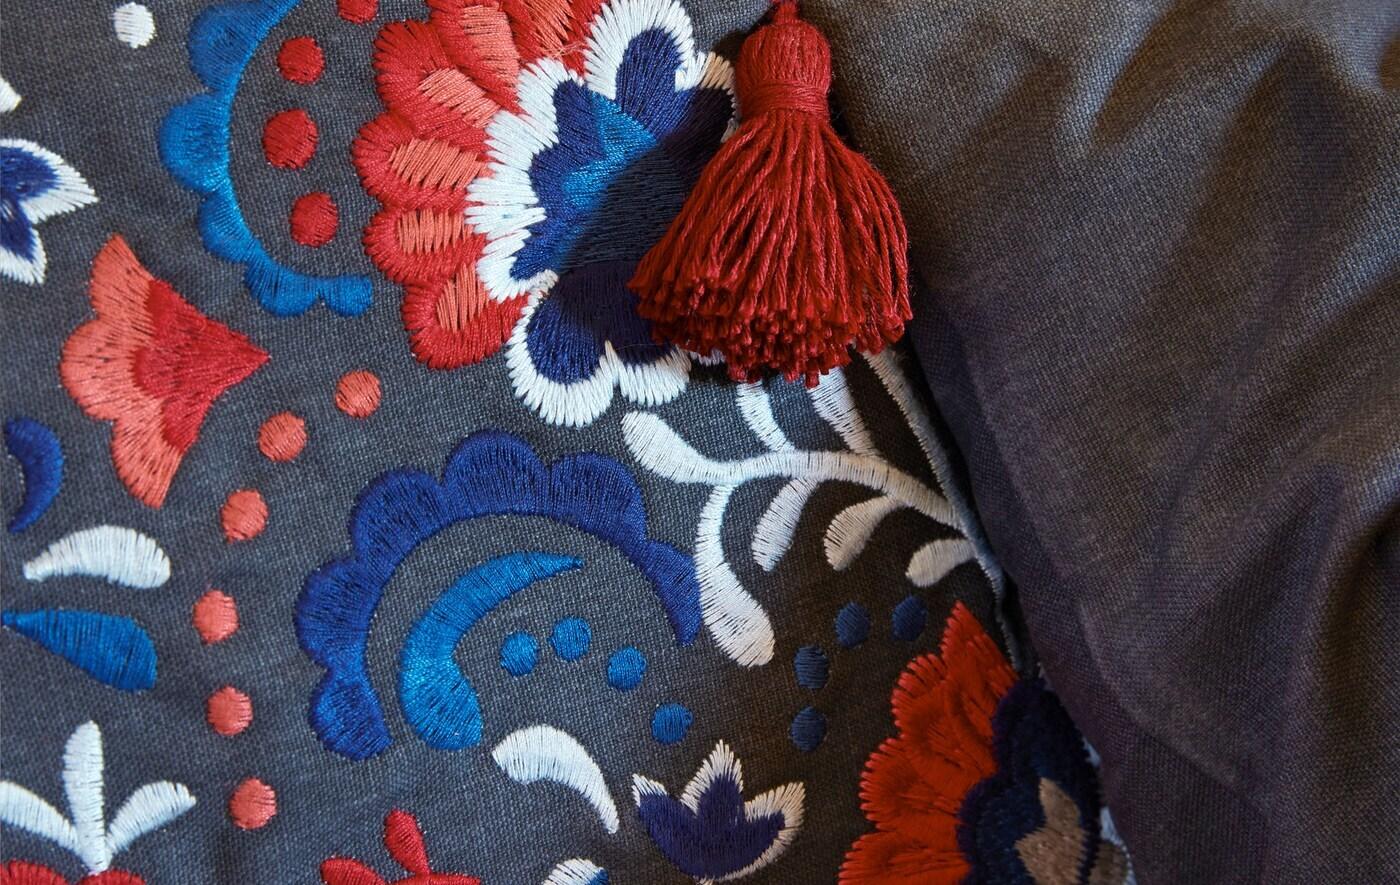 Lien vers la page d'IDÉES «Folklorique et fabuleux»– gros plan sur un coussin avec des motifs brodés bleus et rouges.